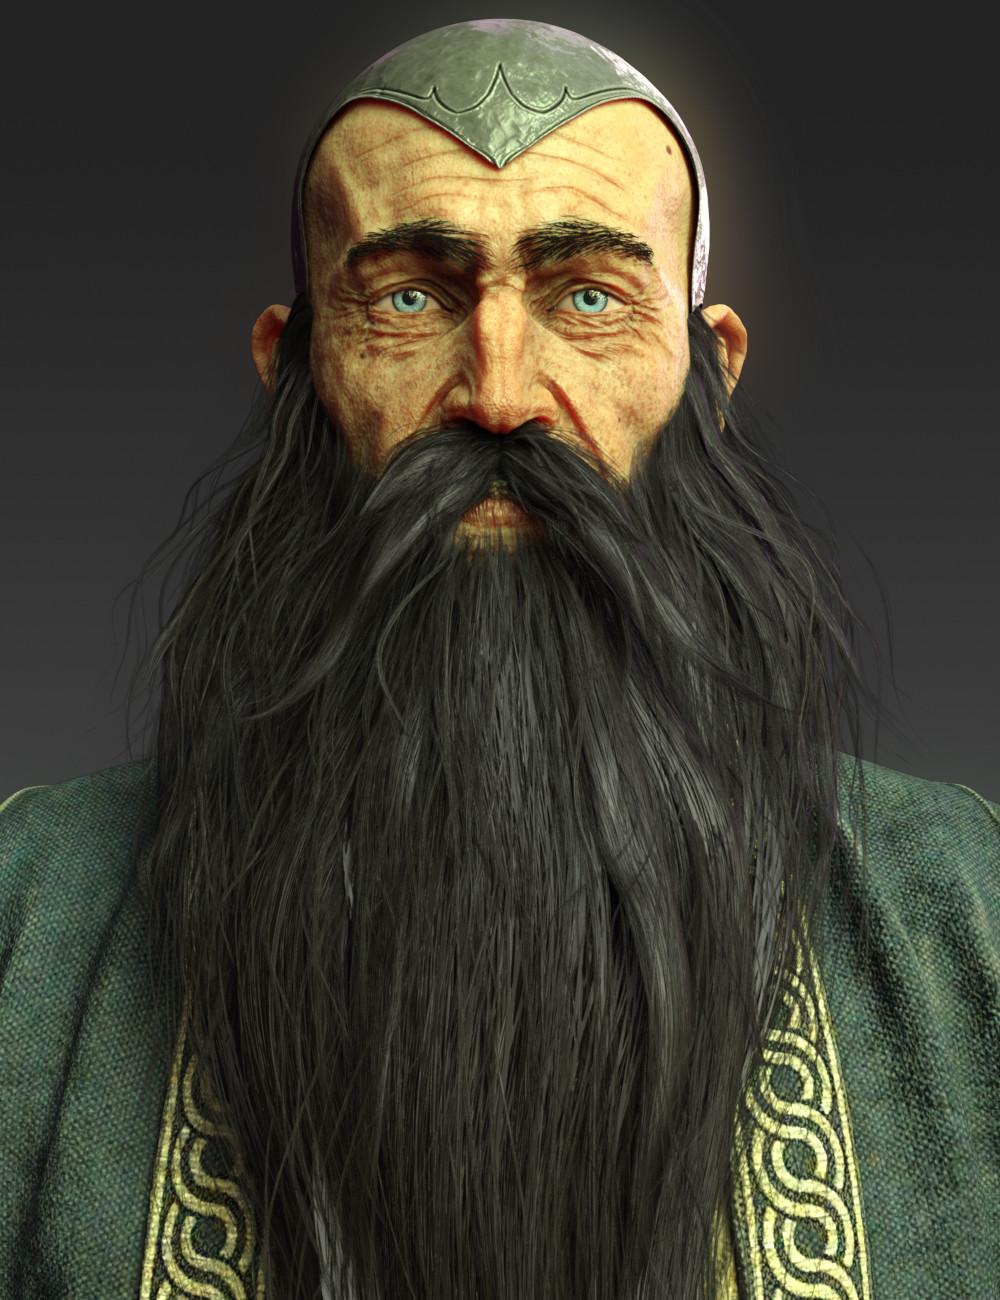 Artstation Wise Wizard 2018 Dan Alfaro Human Pictures Beard No Mustache Wizard